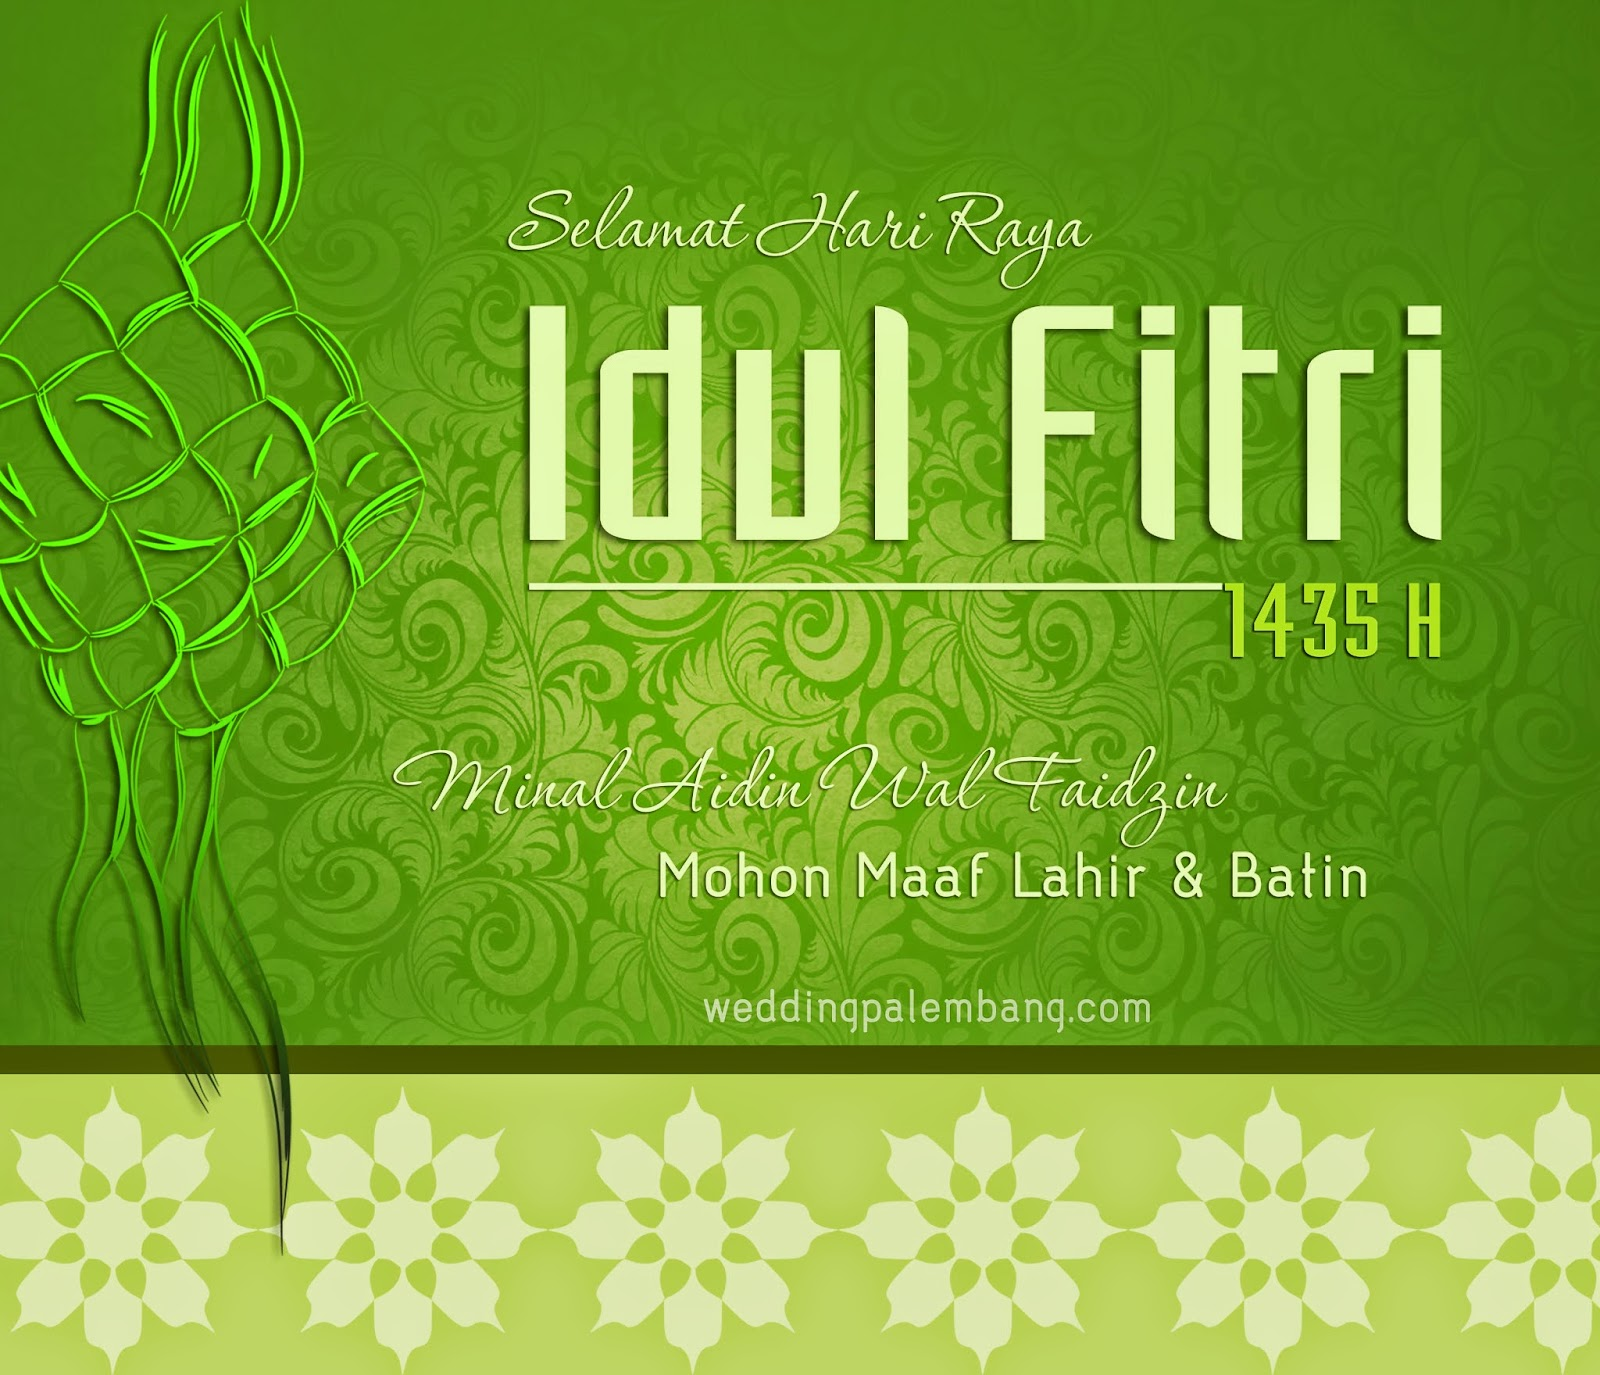 Selamat Hari Raya Idul Fitri: Kumpulan Ucapan Selamat Hari Raya / Lebaran Idul Fitri